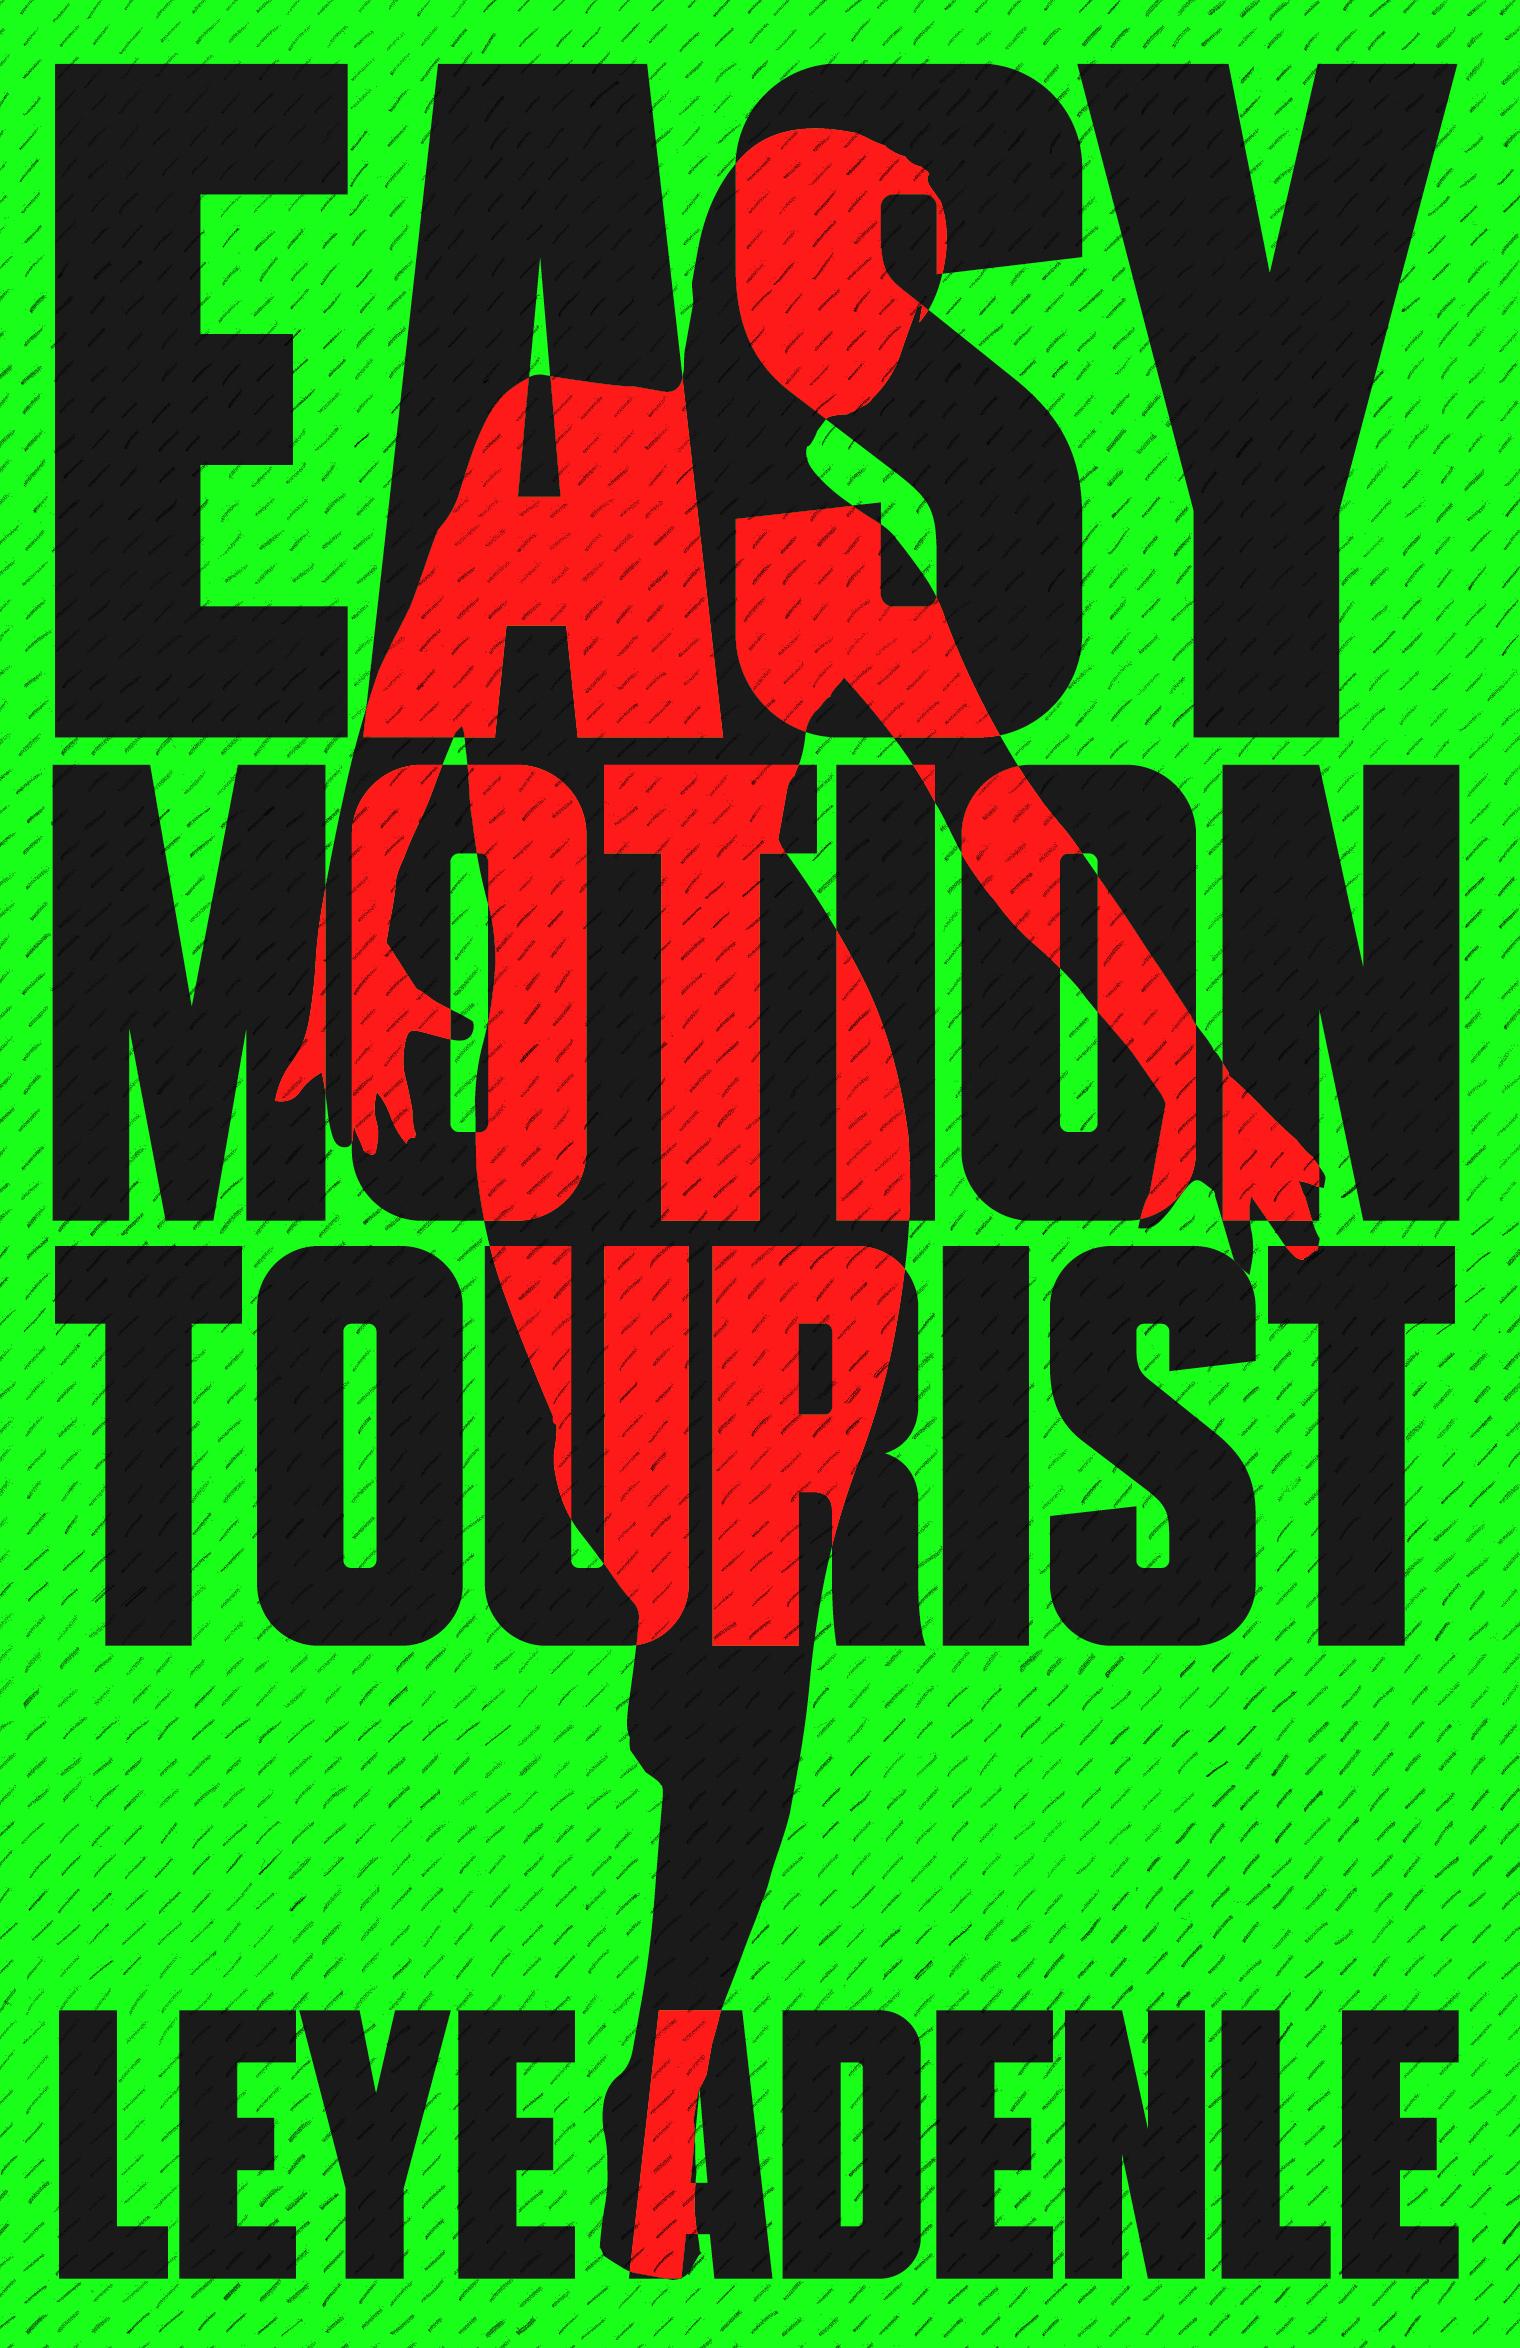 Easy Motion Tourist.jpg